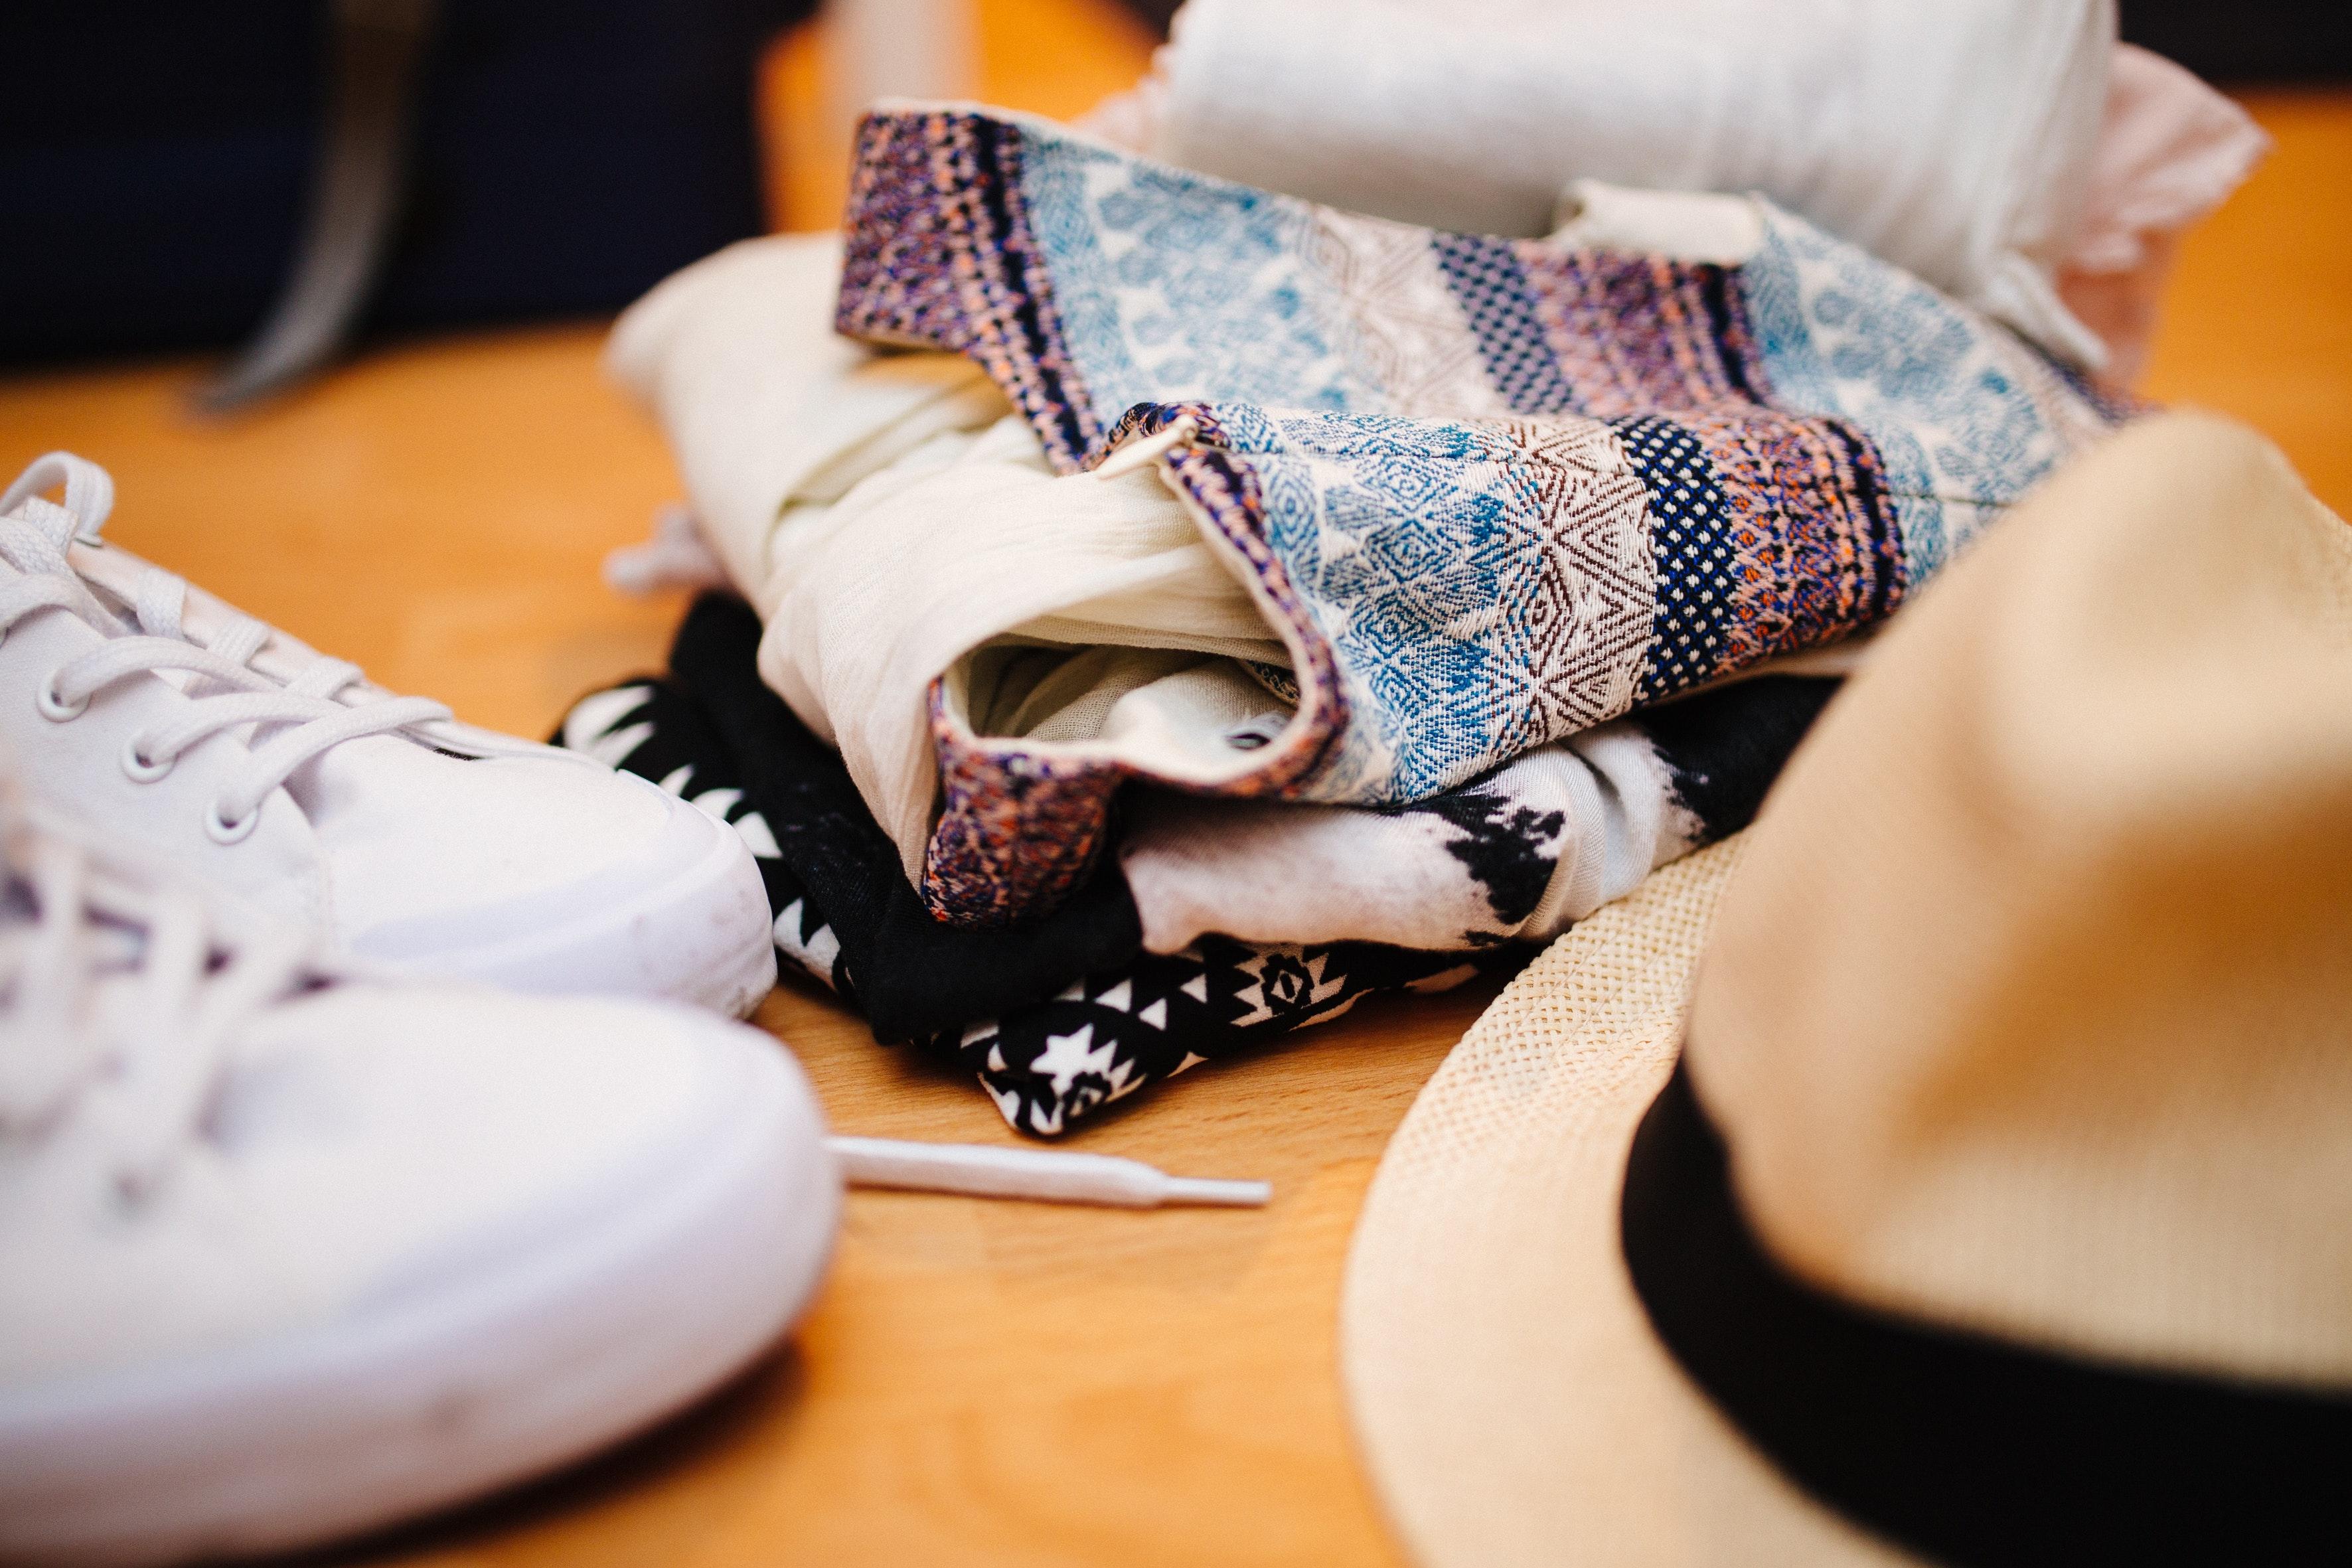 Olika kläder på ett golv